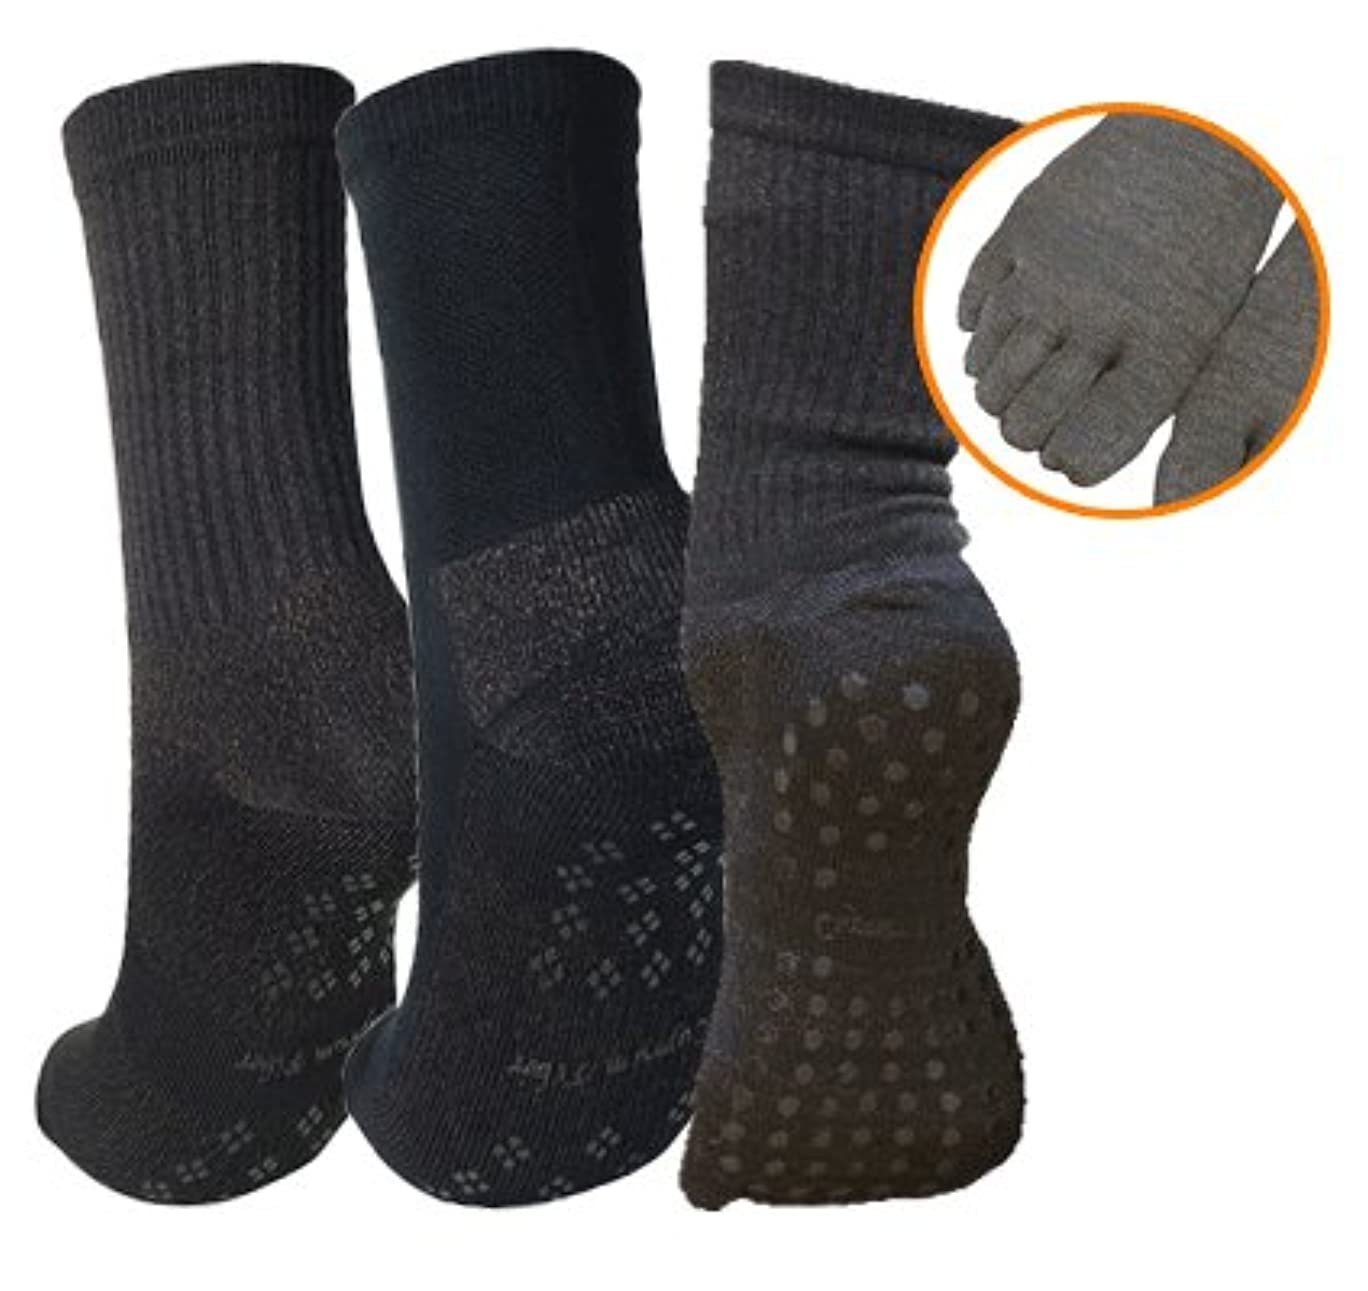 ばかげている瞬時に条件付き銅繊維靴下「足もとはいつも青春」 女性専用お得お試し3点セット 【しもやけ対策に】